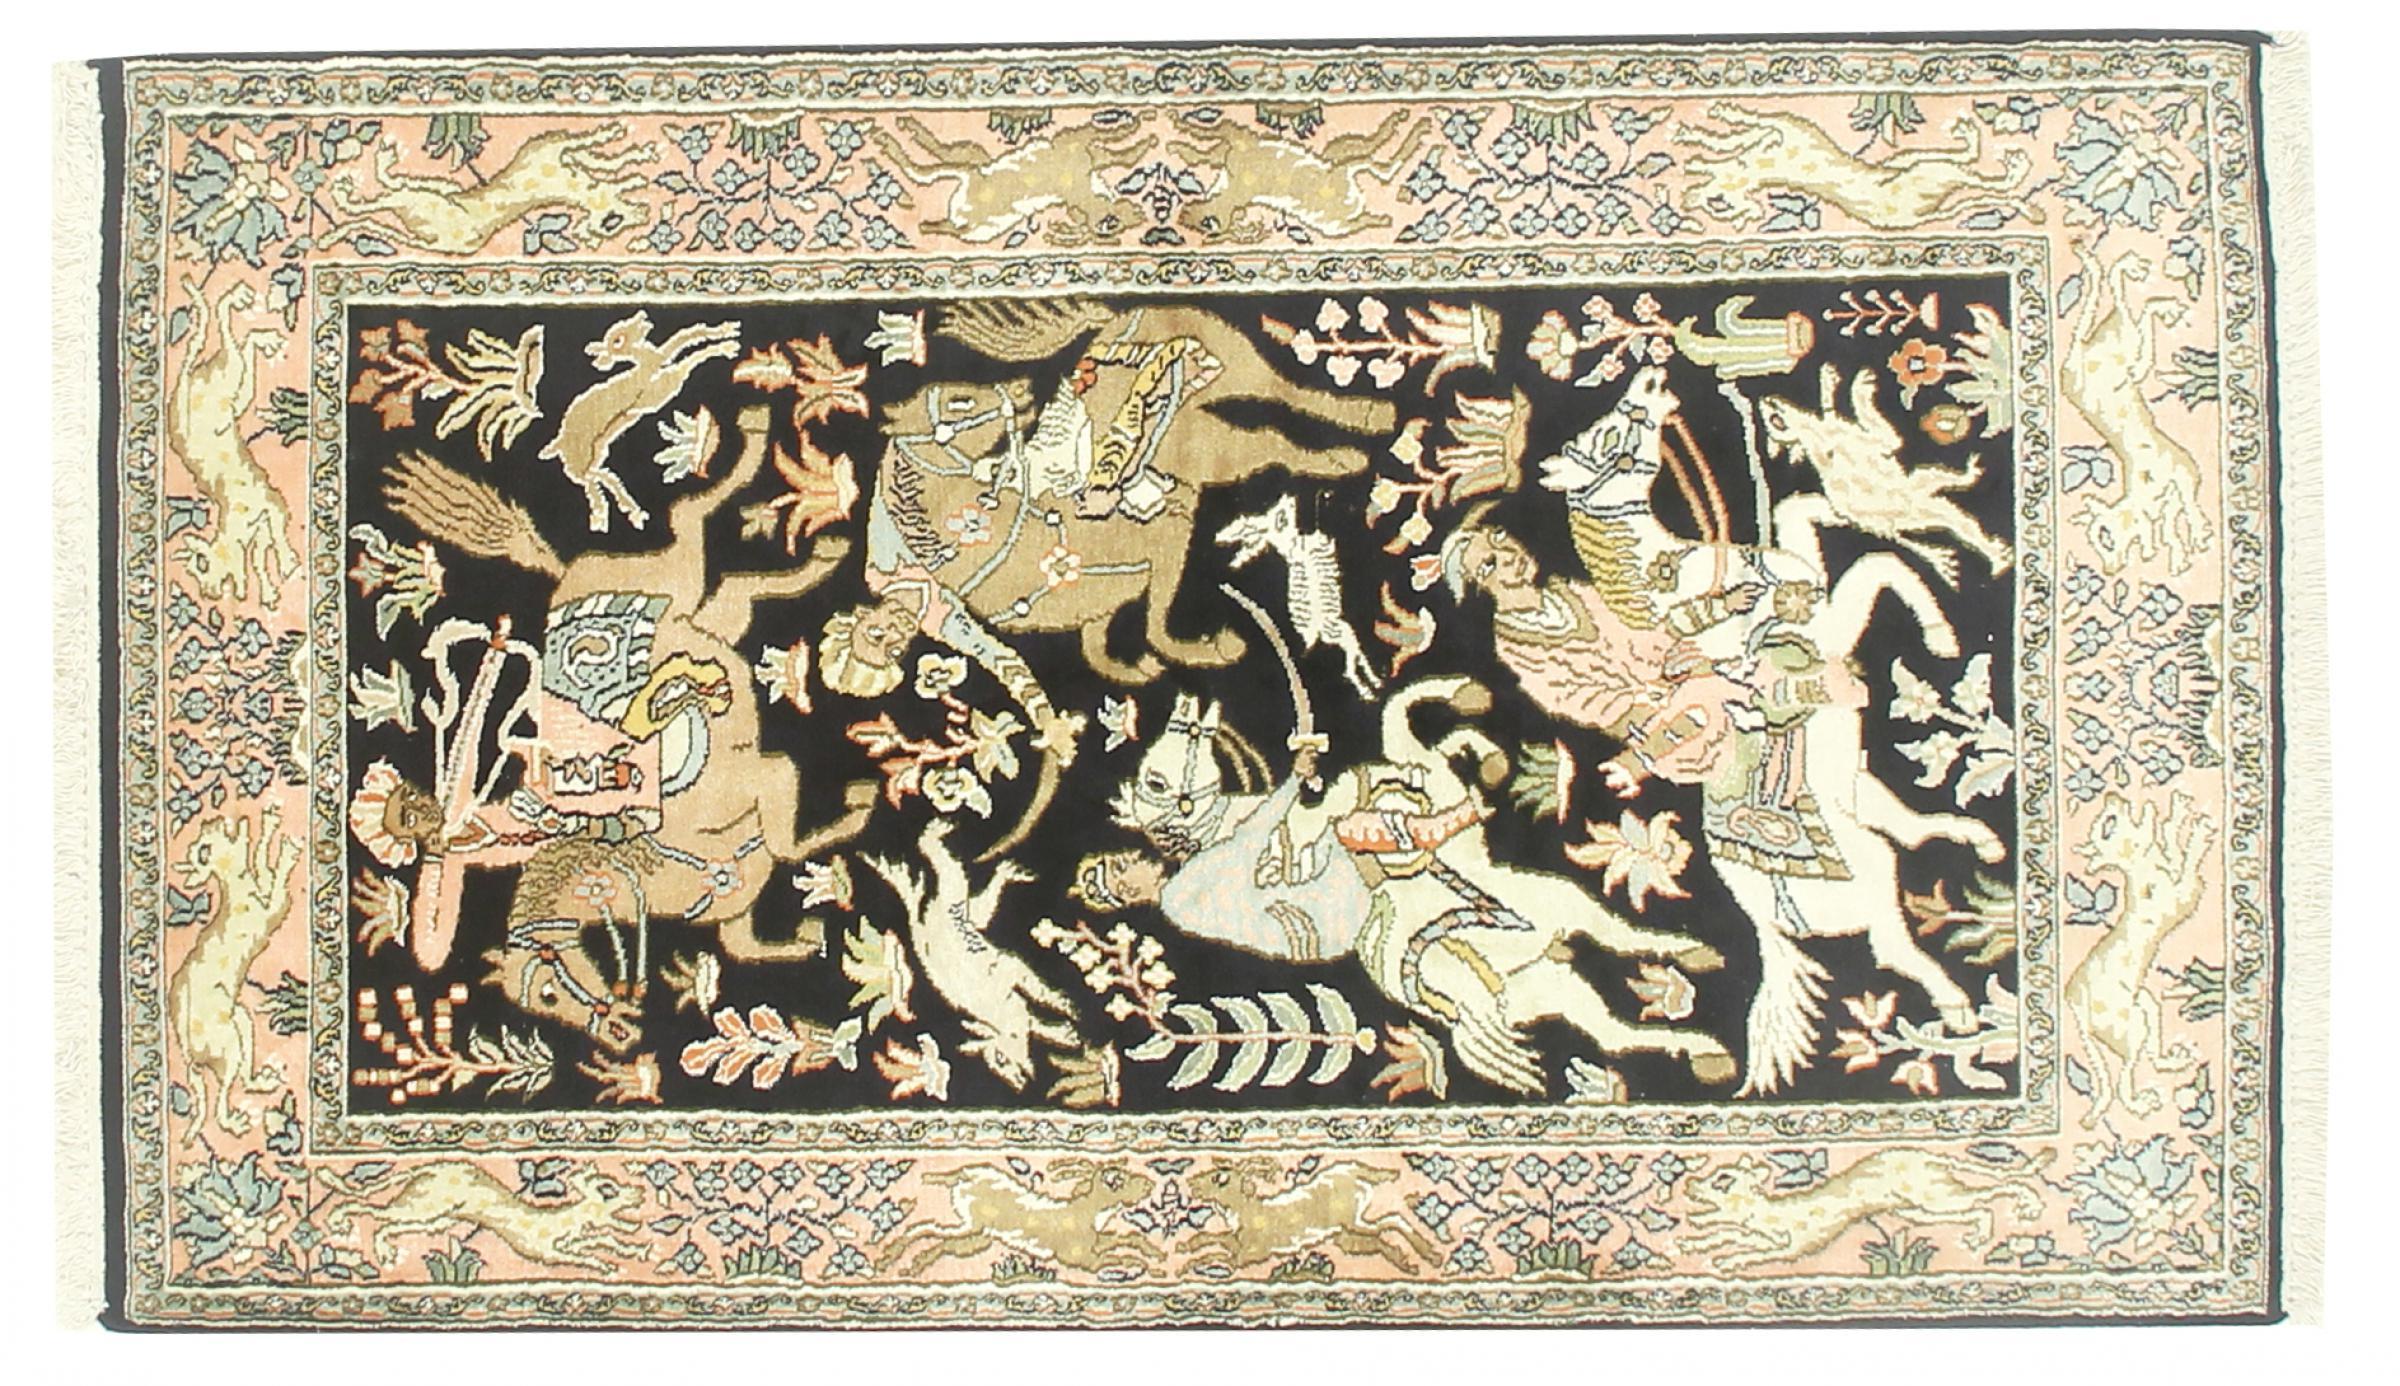 kaschmir reine seide indischer teppich 130x78 id33035. Black Bedroom Furniture Sets. Home Design Ideas